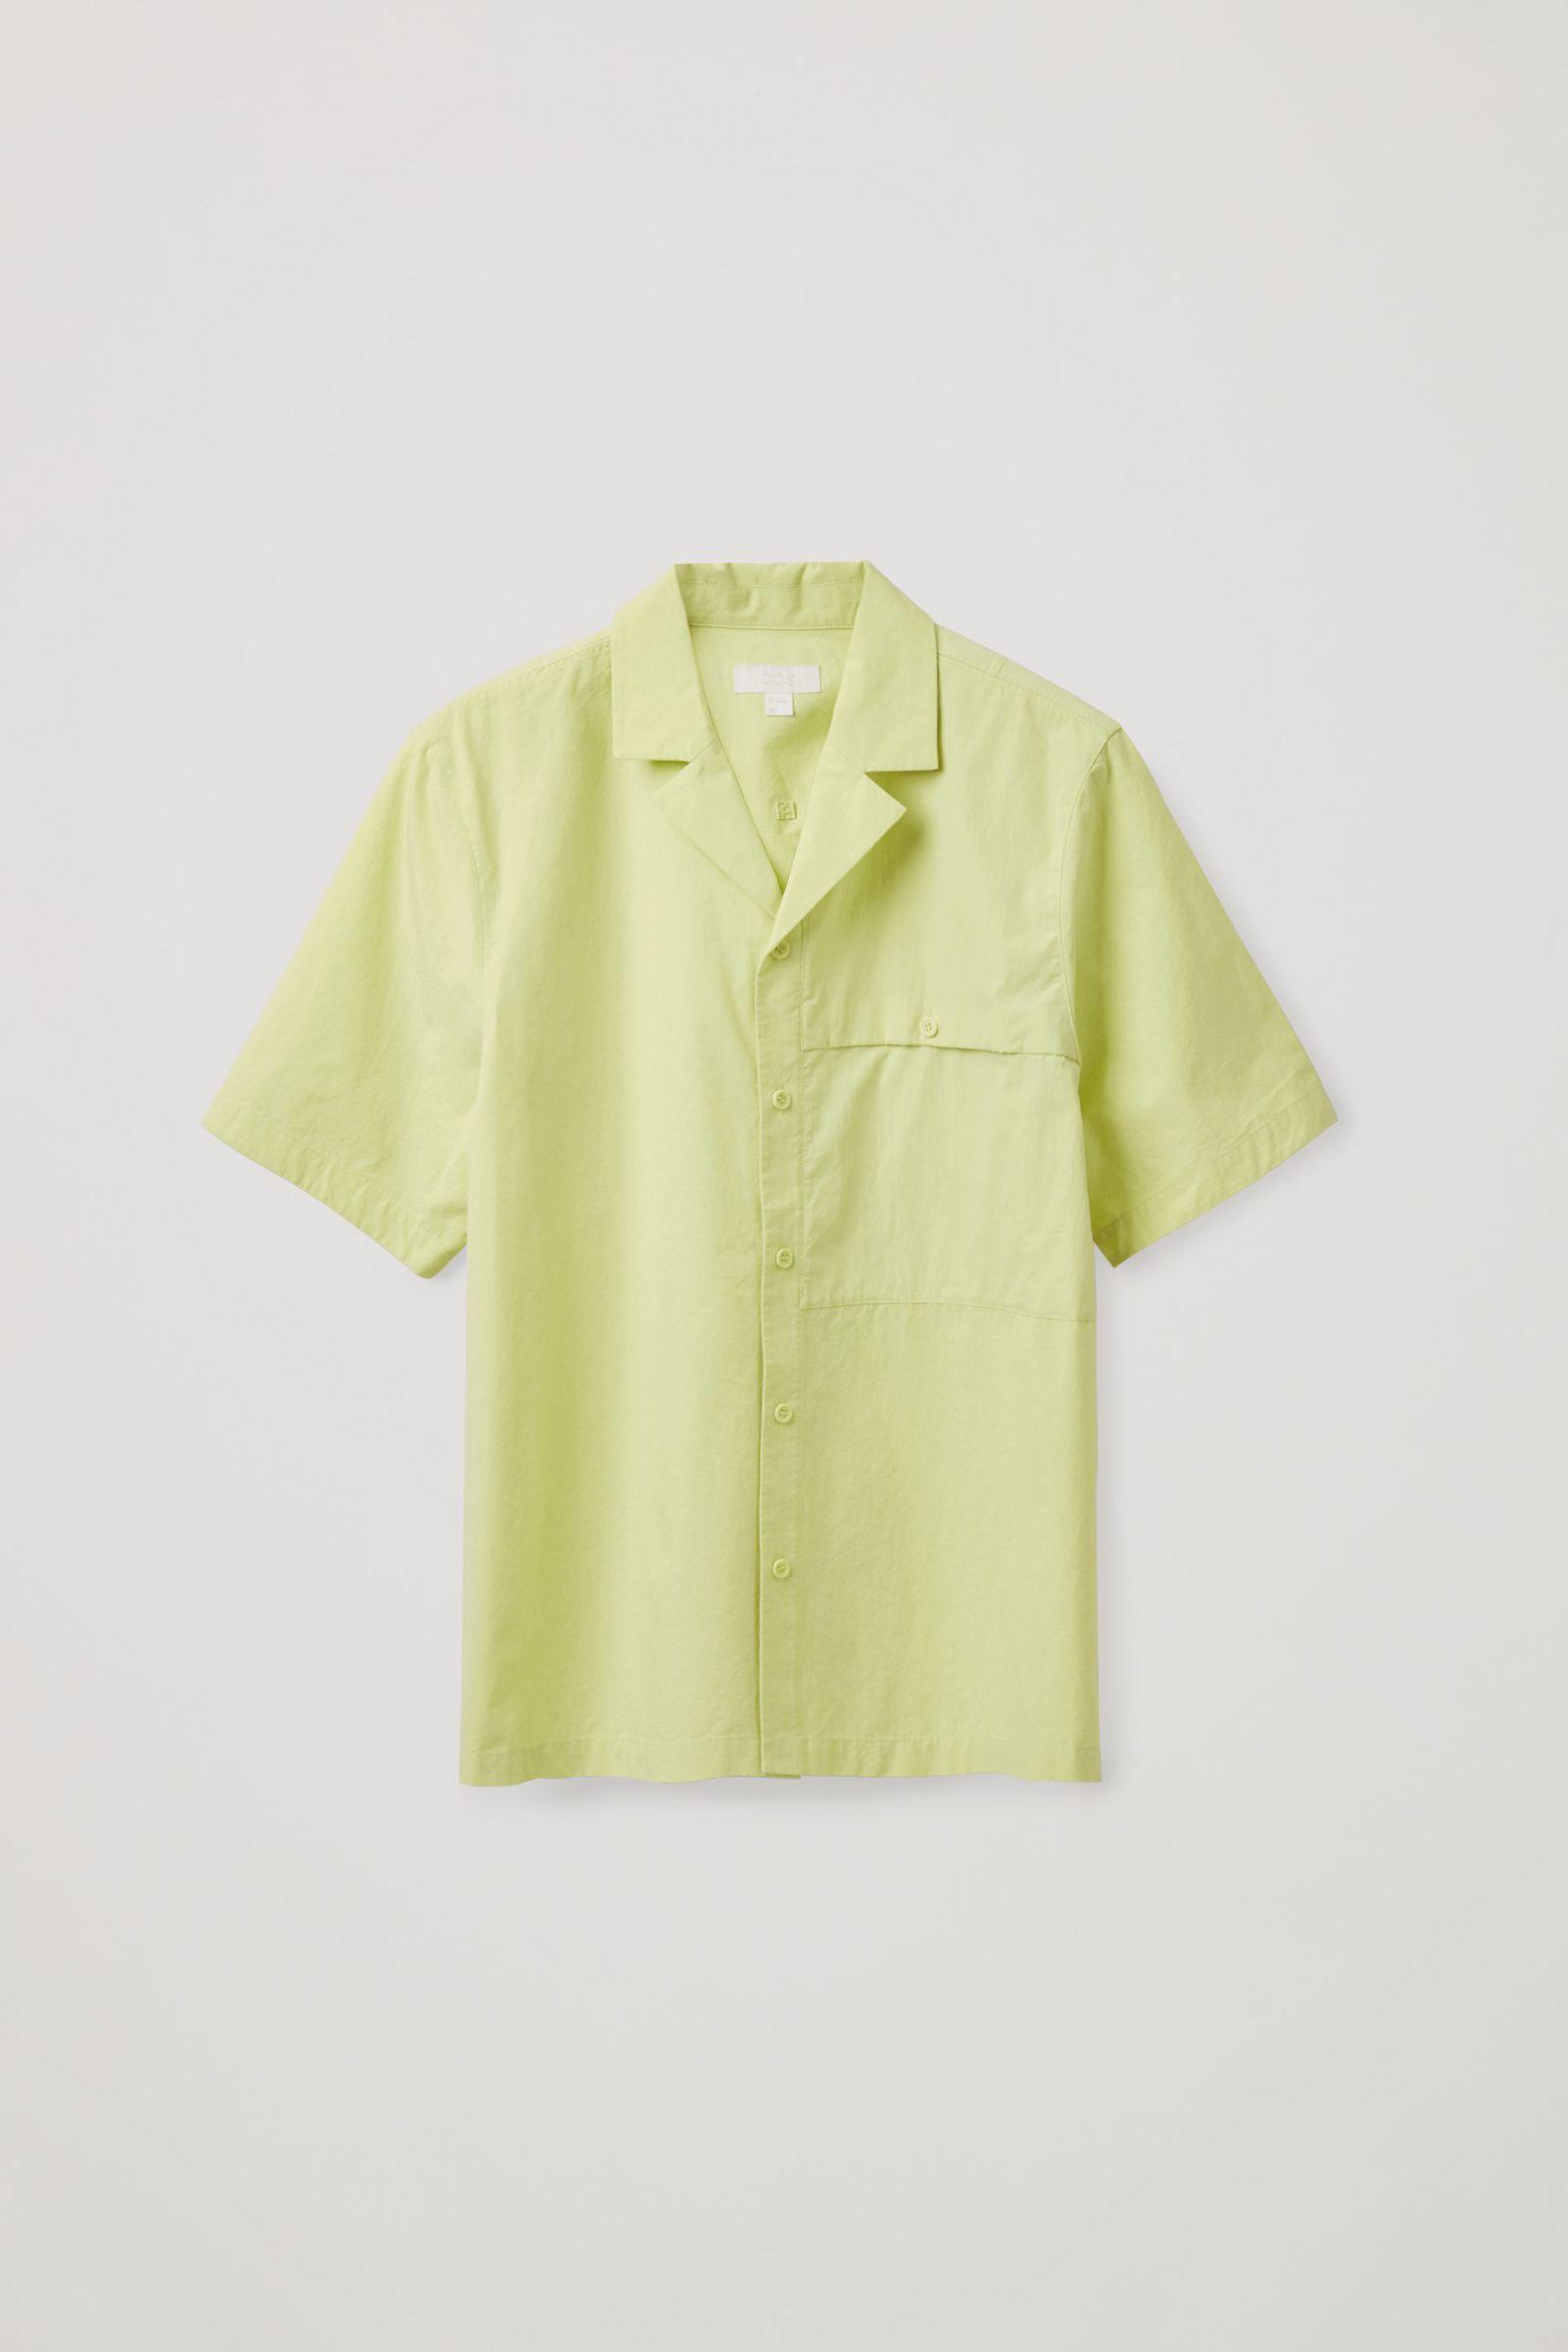 COS 패치 포켓 쇼트 슬리브 셔츠의 네온 그린컬러 Product입니다.